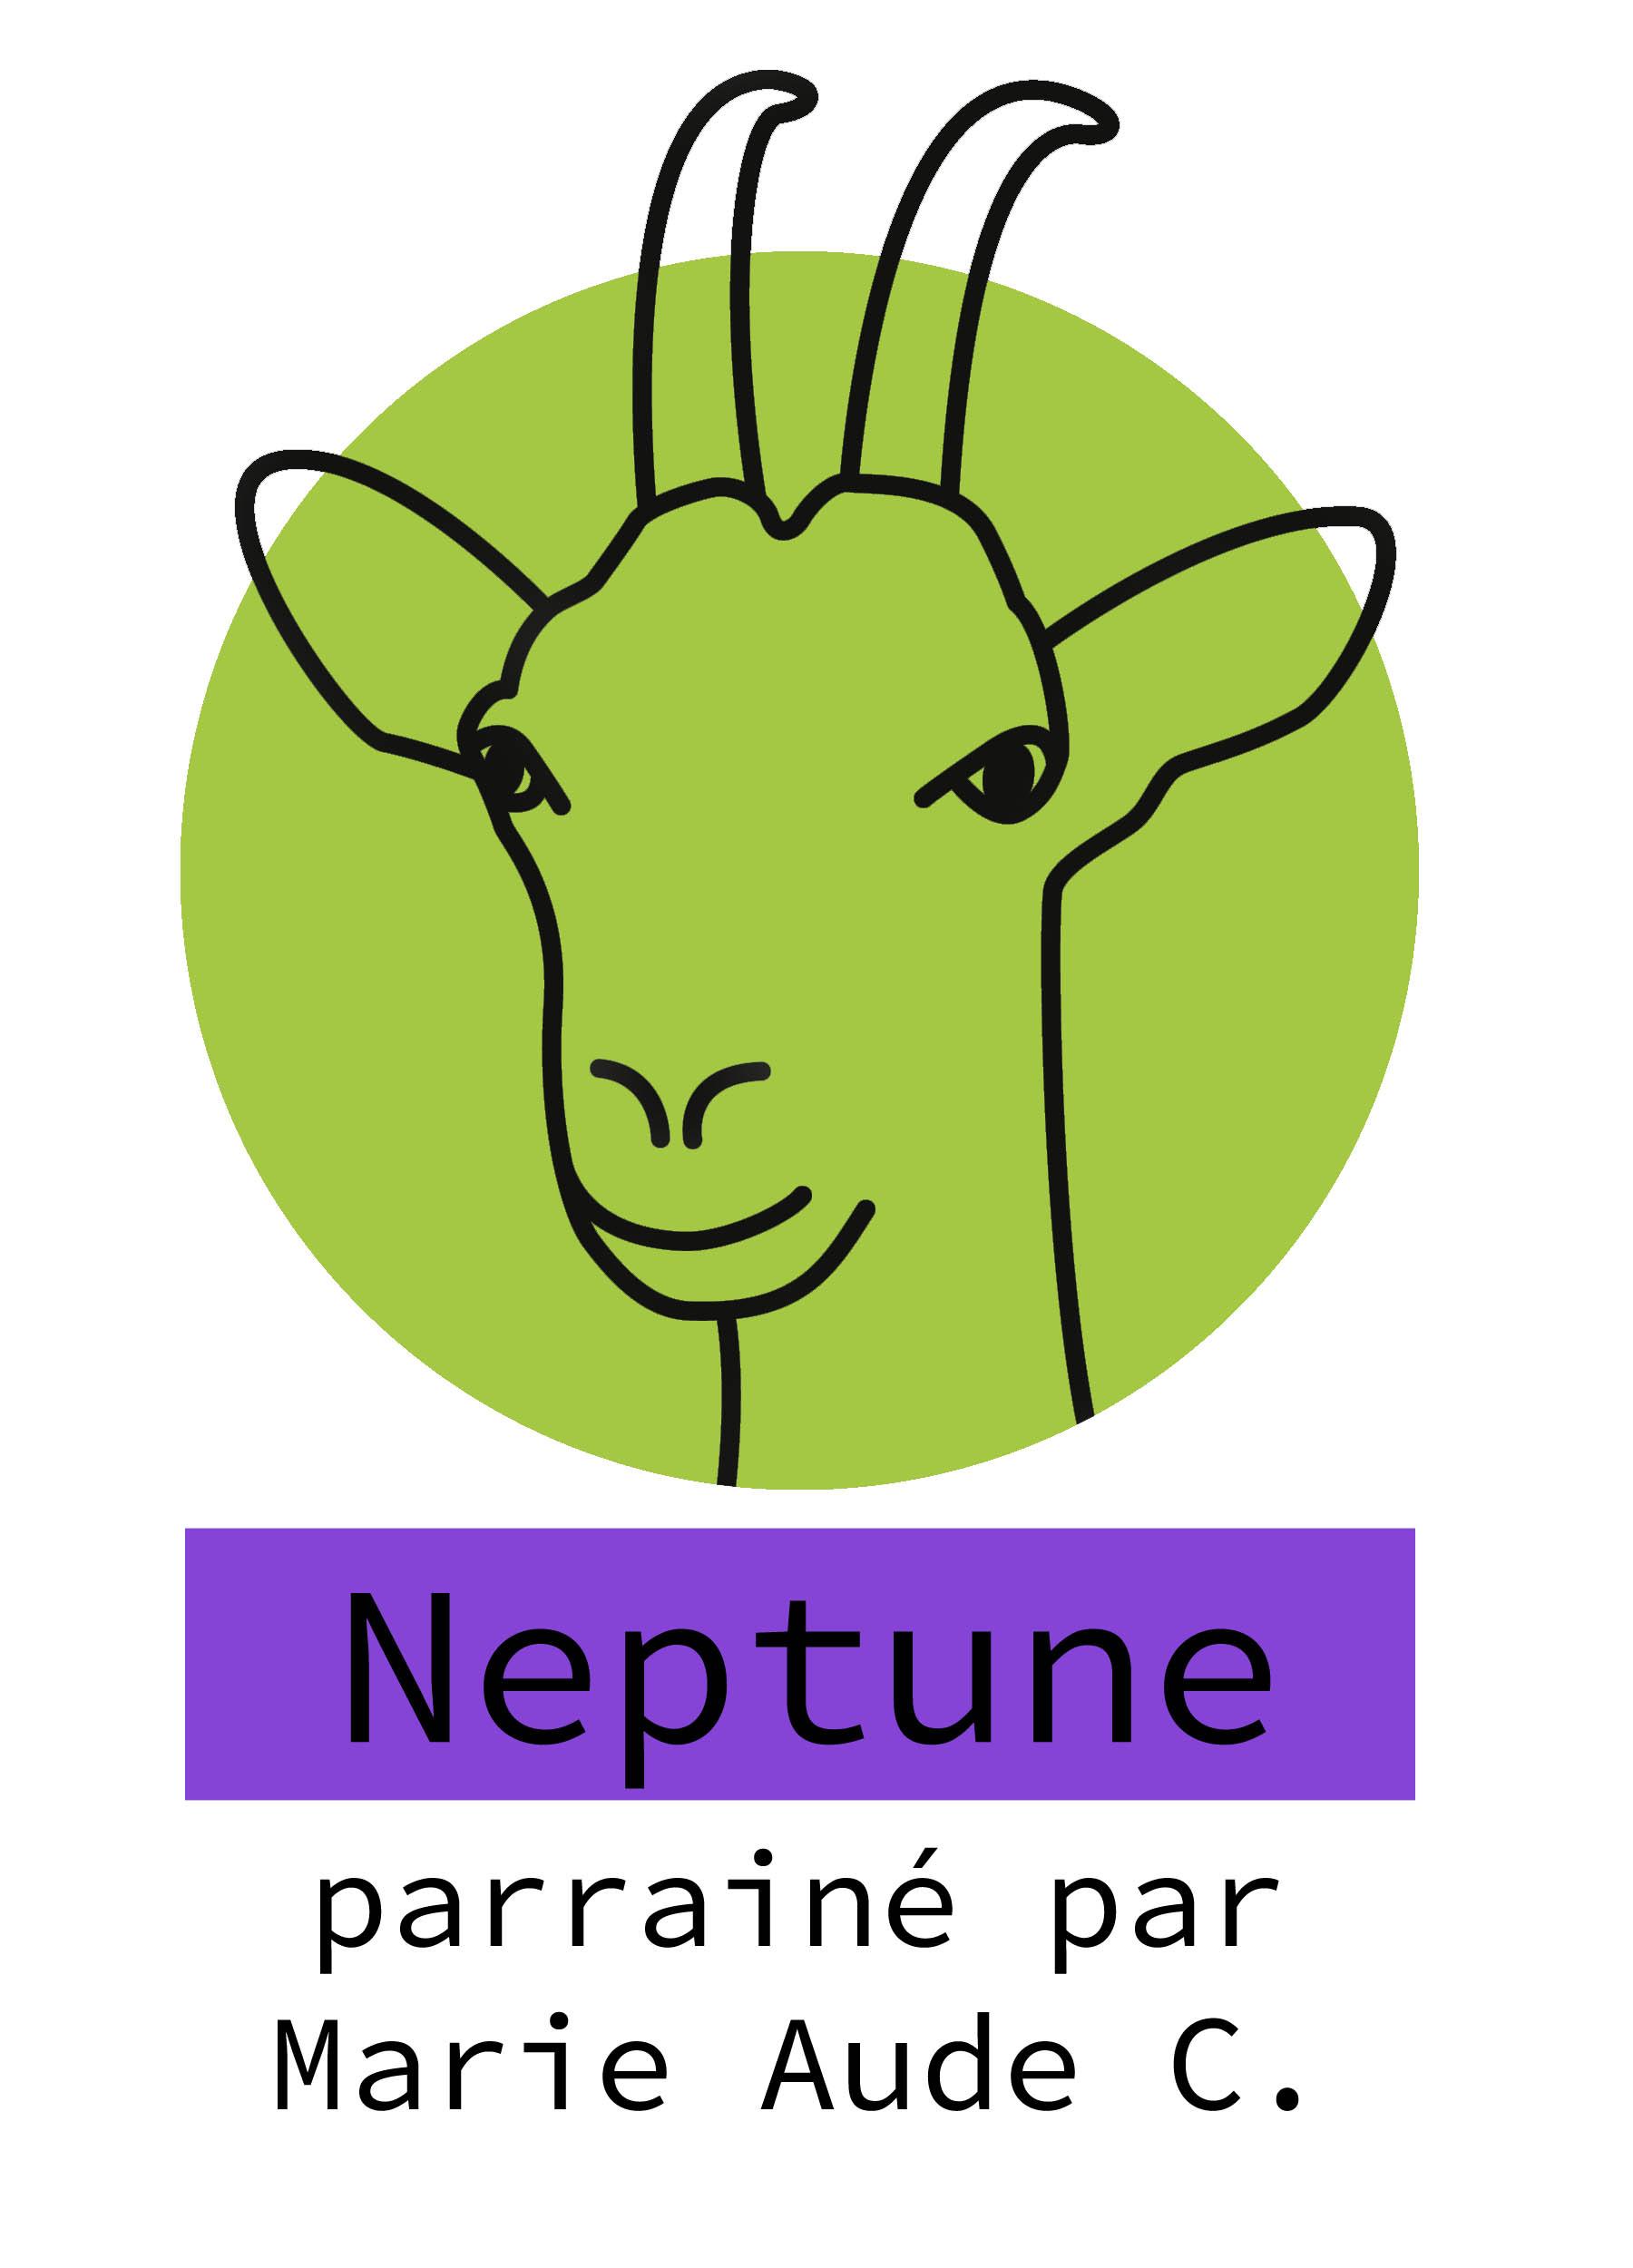 X-Neptune copie.jpg